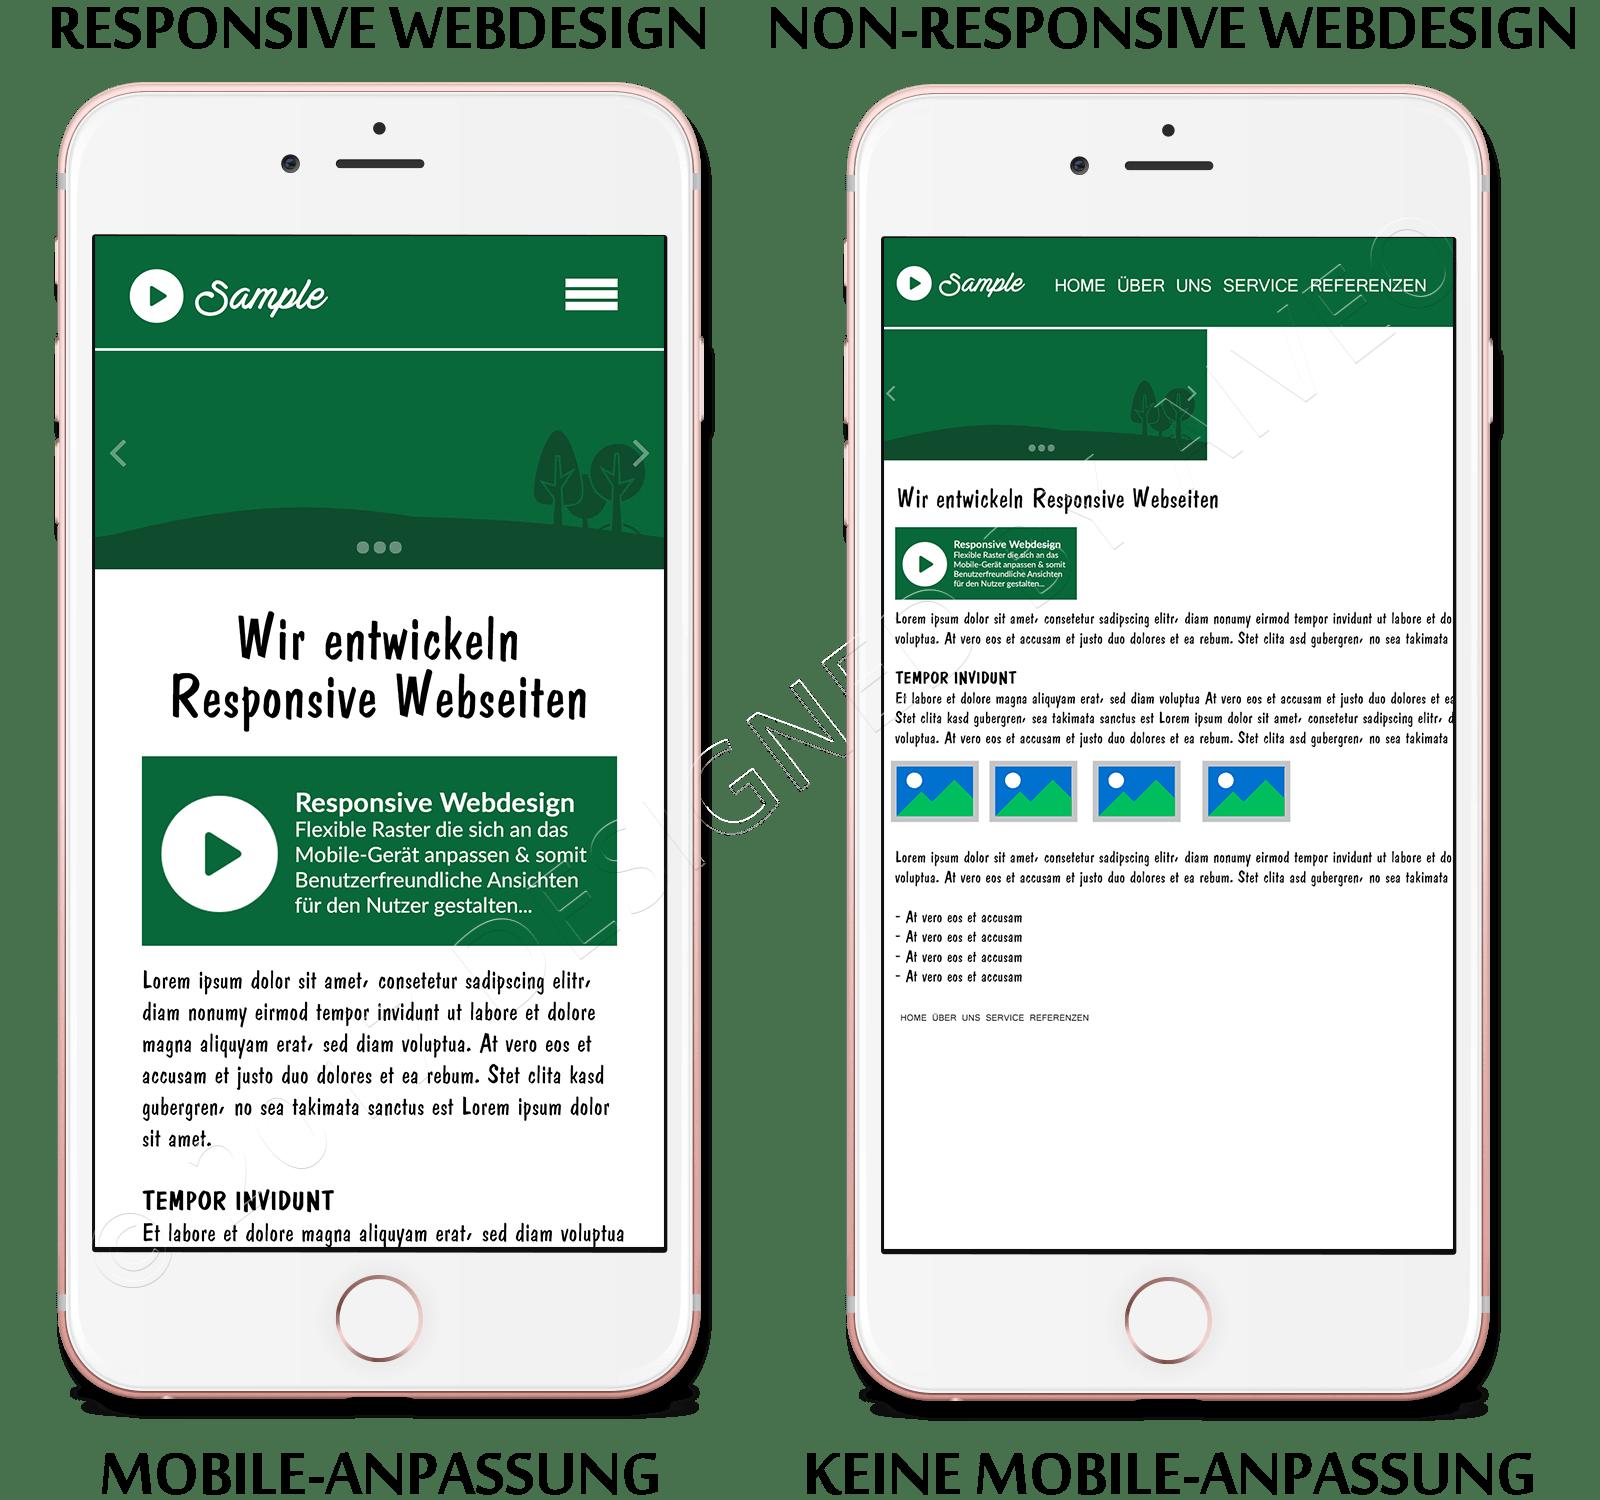 Hier seht ihr eine Responsive Webdesign-Nicht Responsive Vergleich von der Werbeagentur-Aiveo